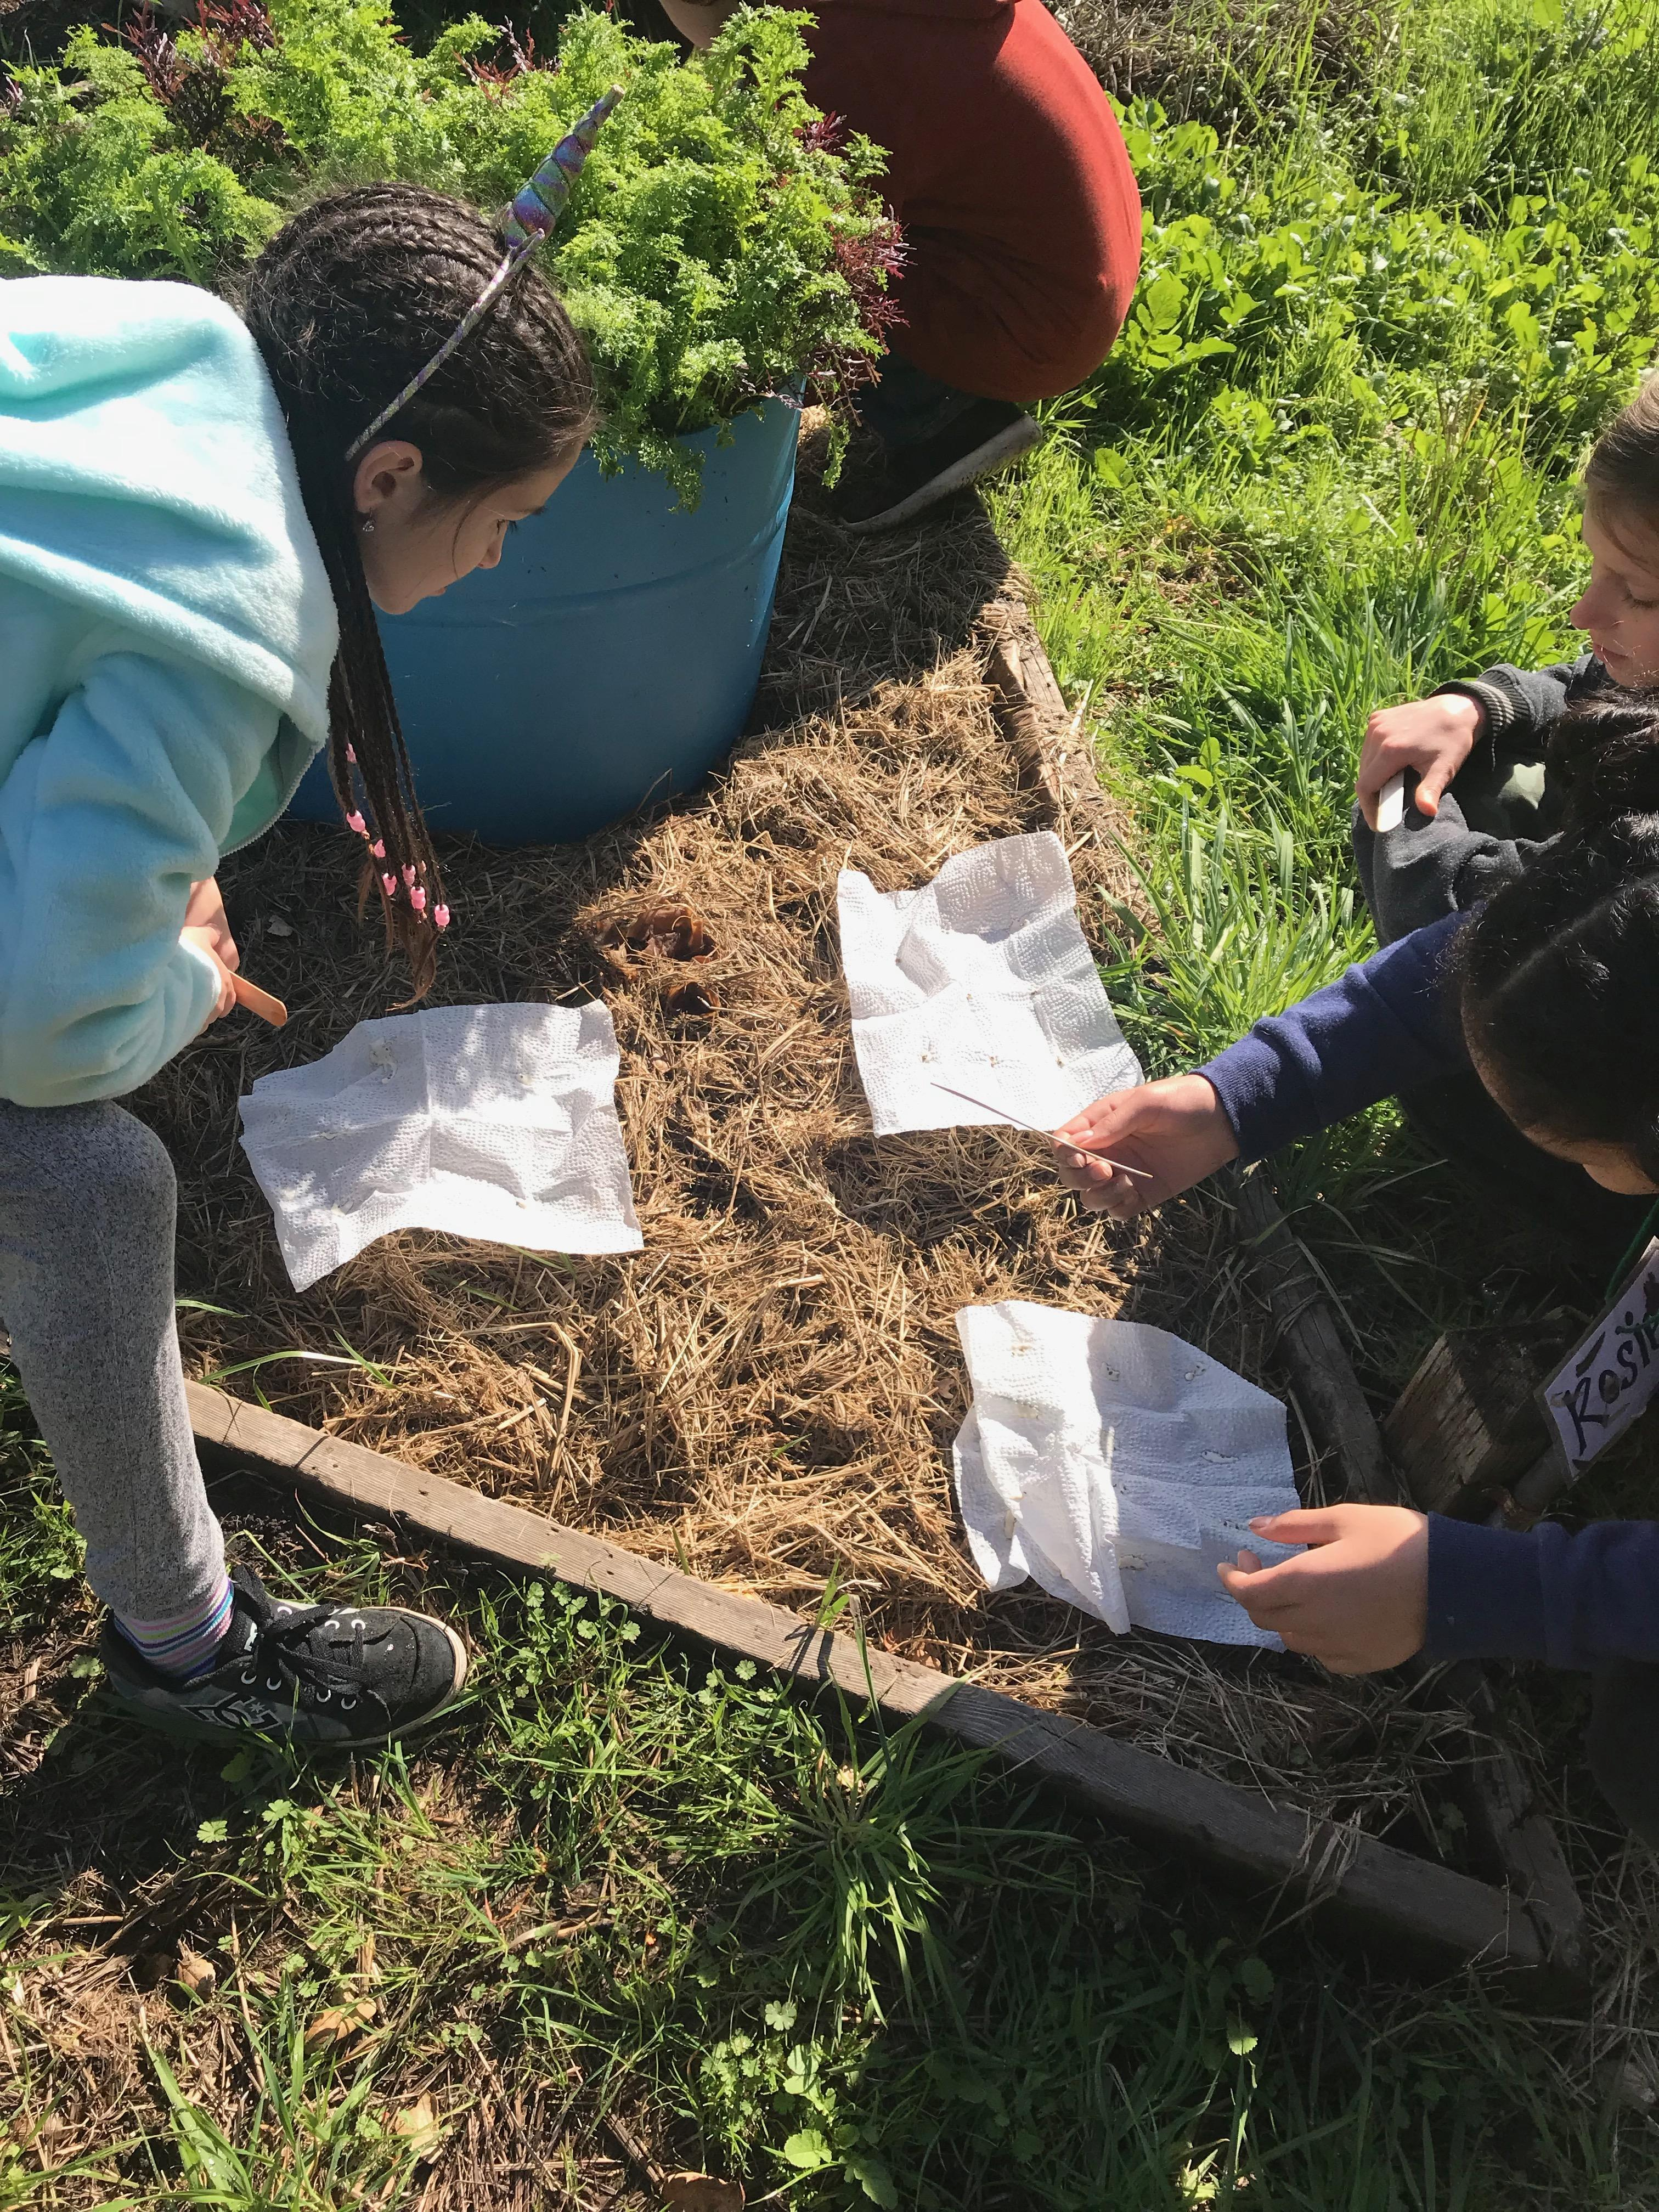 Preparing Seeds in the Garden